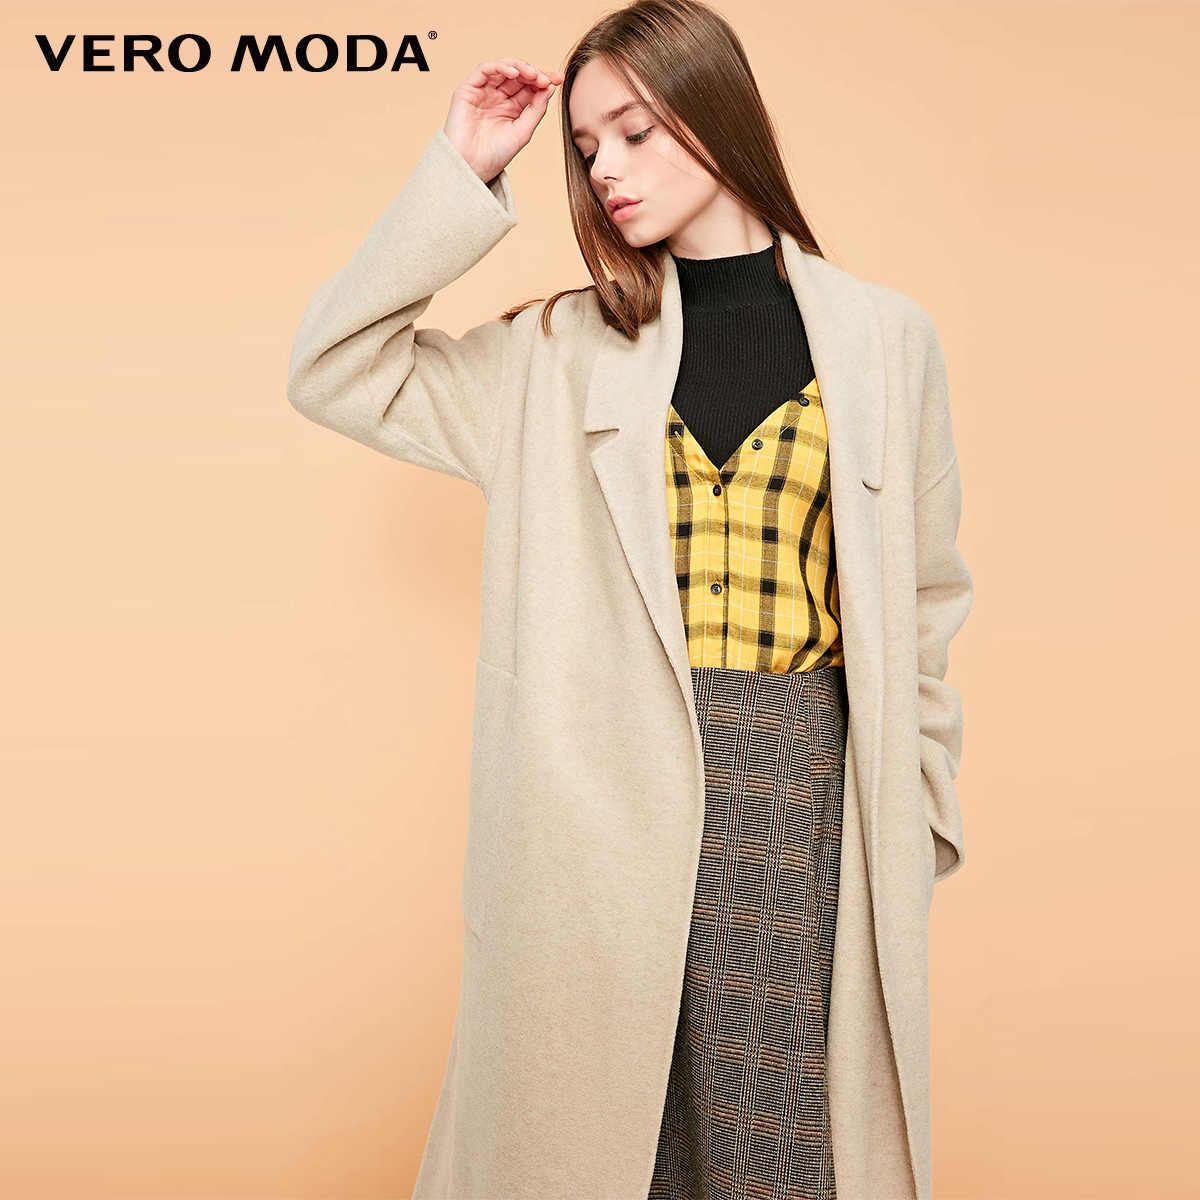 معطف نسائي جديد من Vero Moda بجيب وحمالات بطية صدر رفيعة معطف صوفي | 318327531